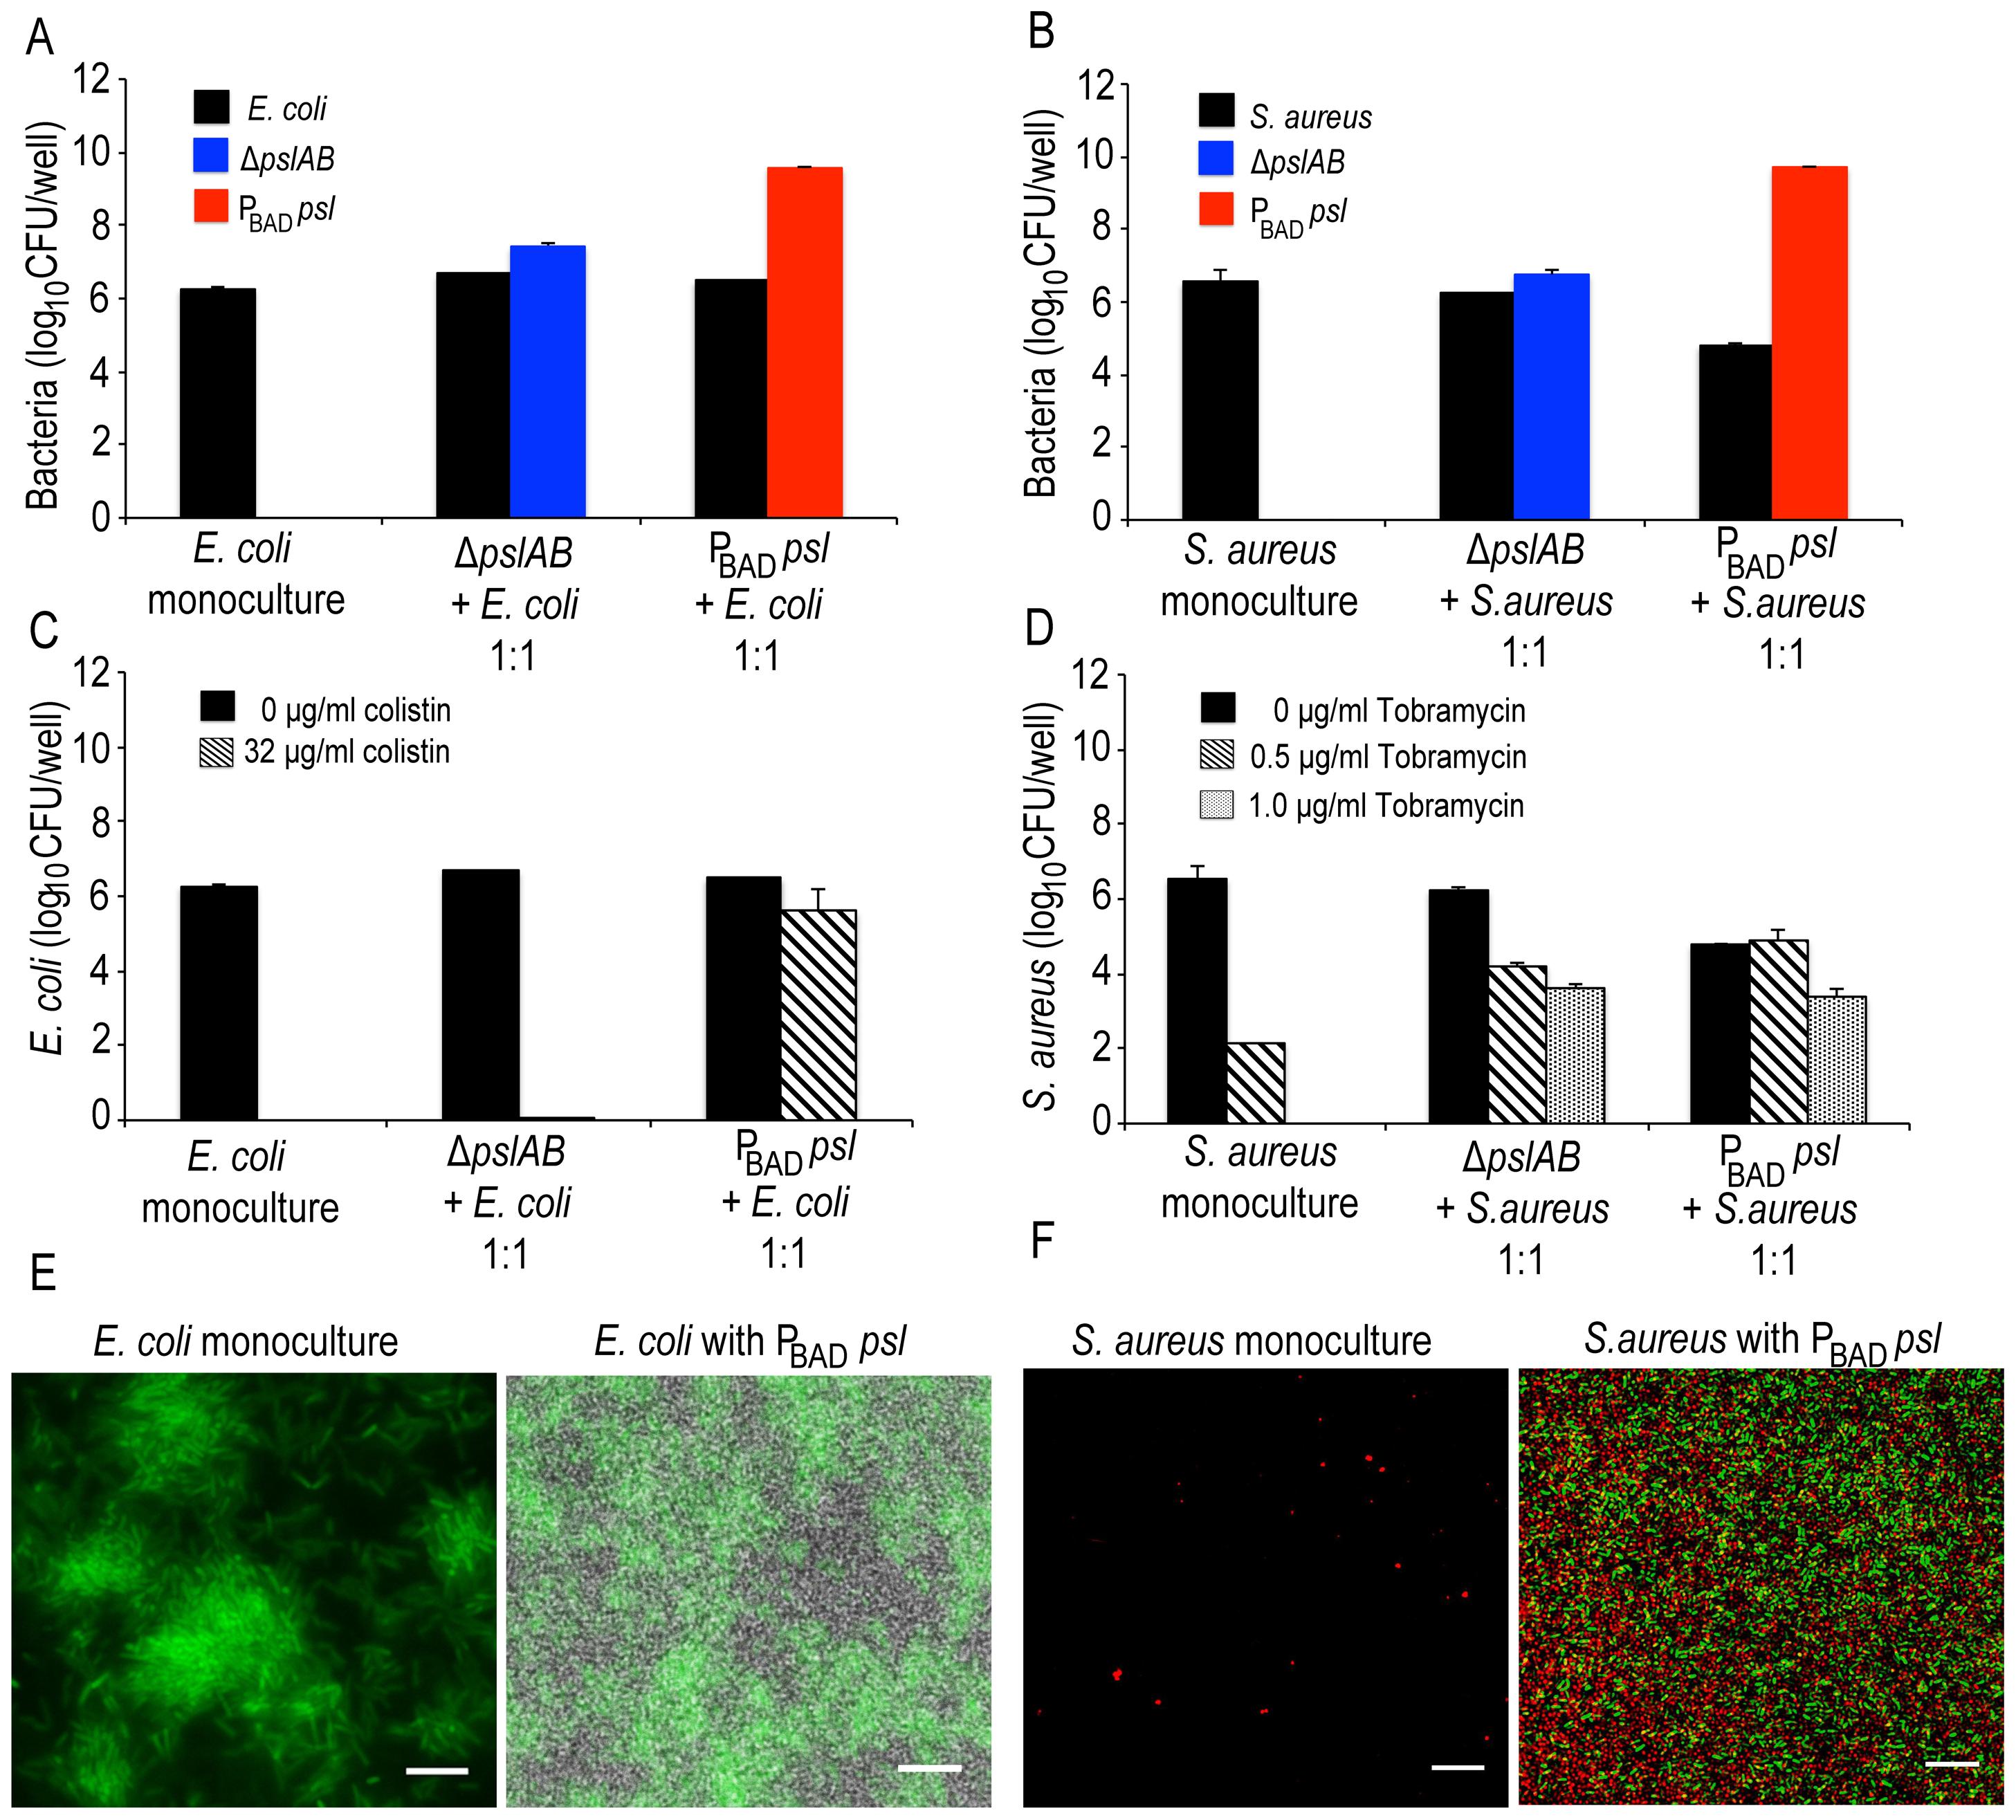 Psl provides a protective advantage for <i>E.</i> <i>coli</i> and <i>S. aureus</i>.